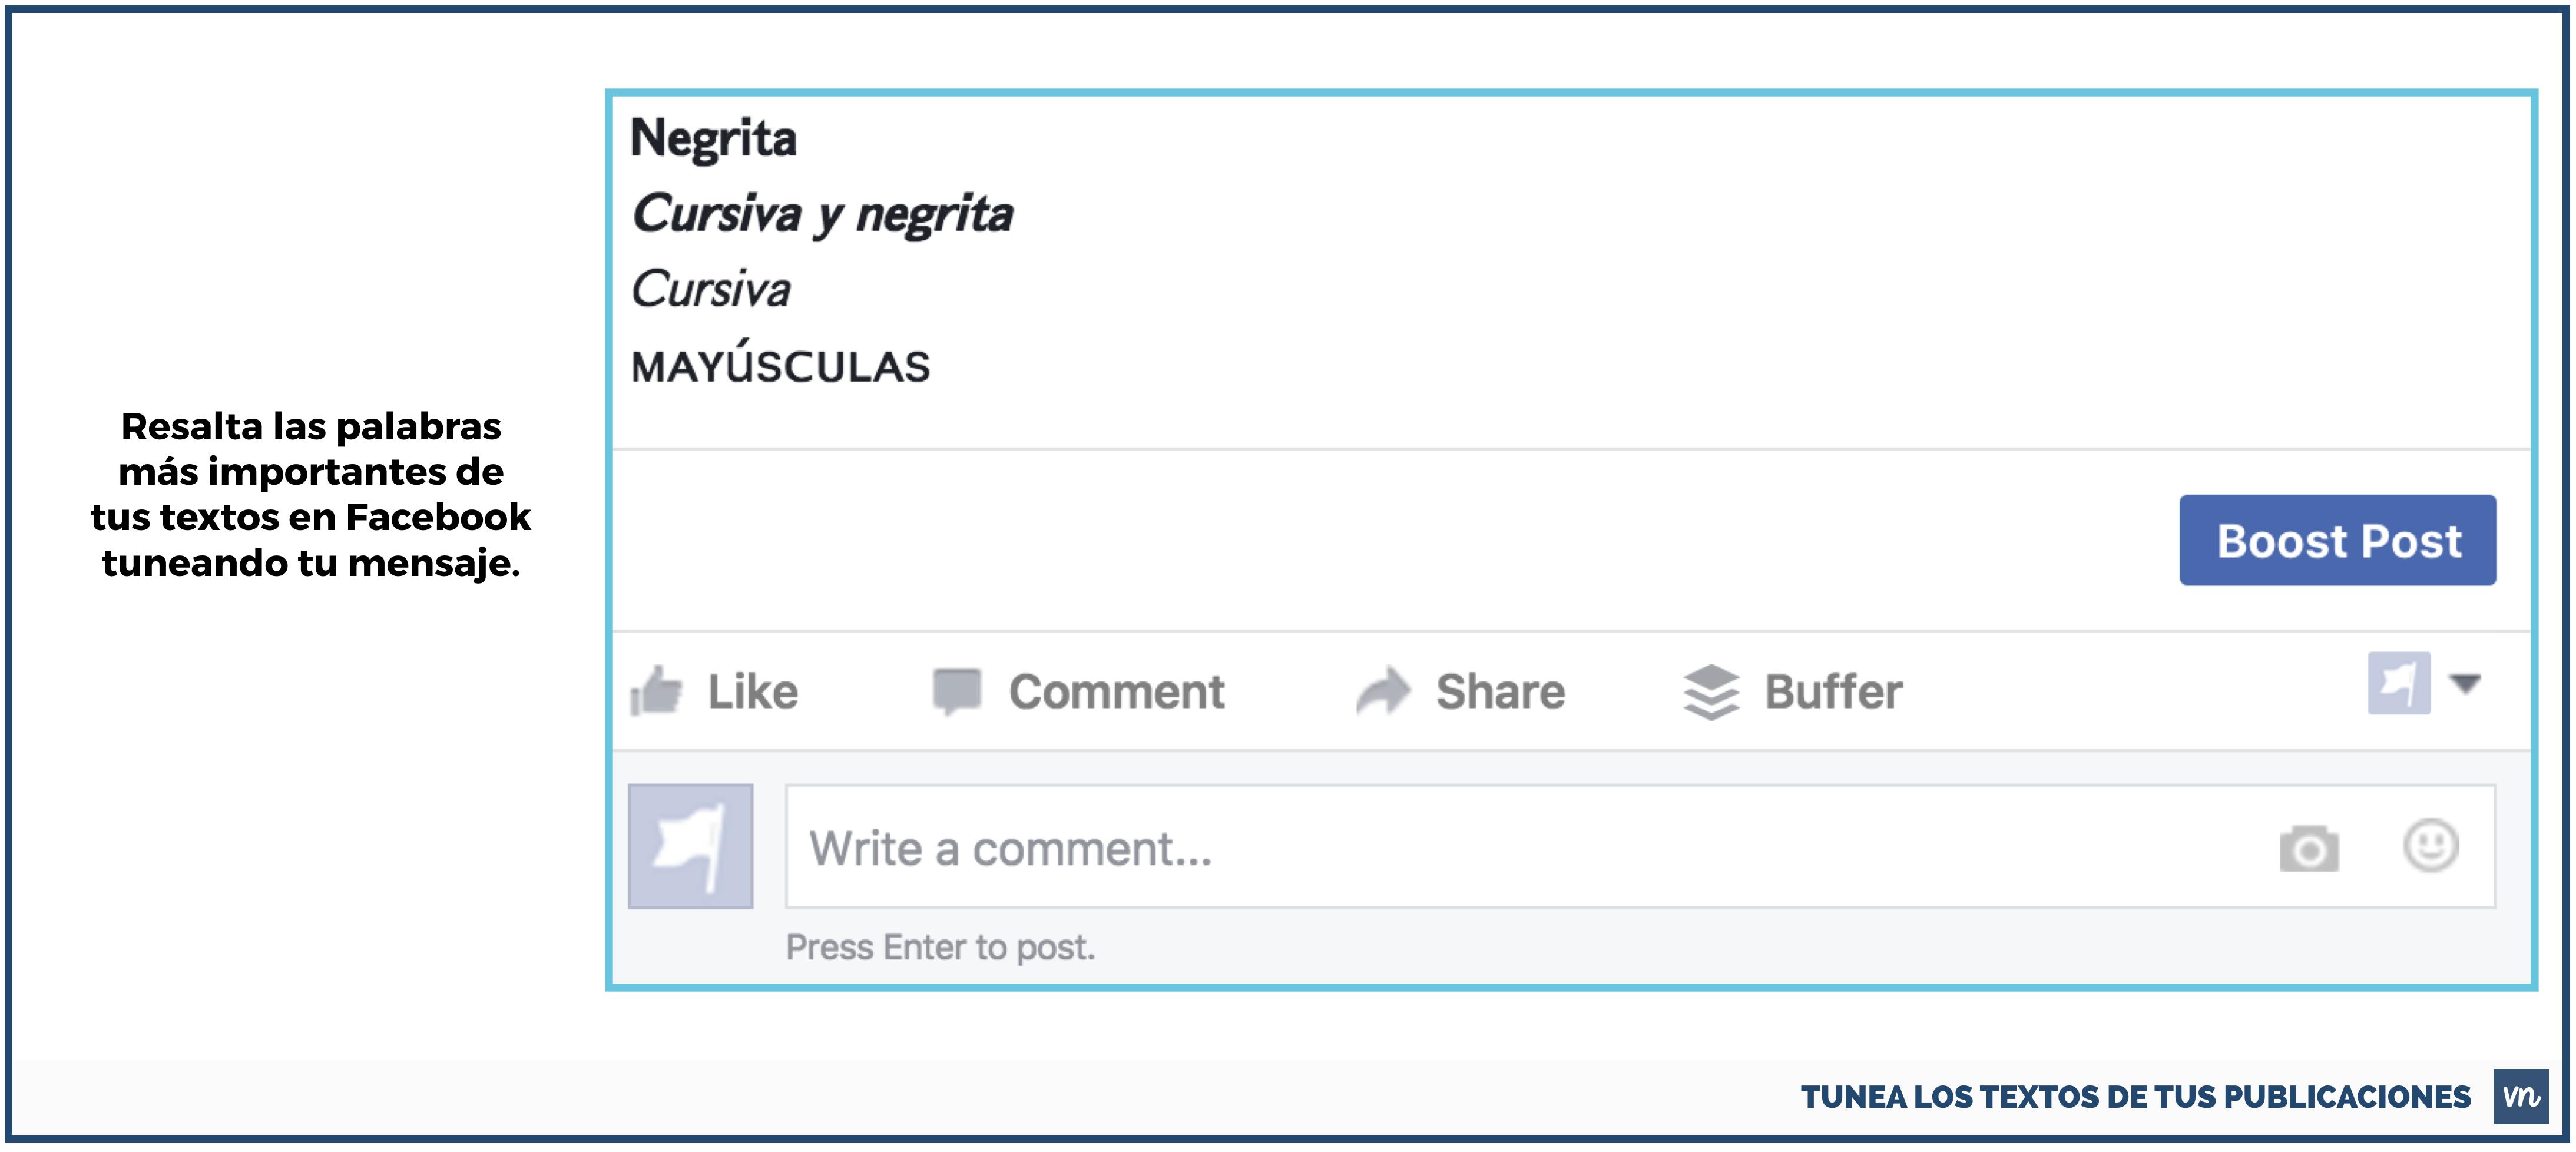 Flechas Lineas Y Simbolos Para Instagram Facebook Y Twitter